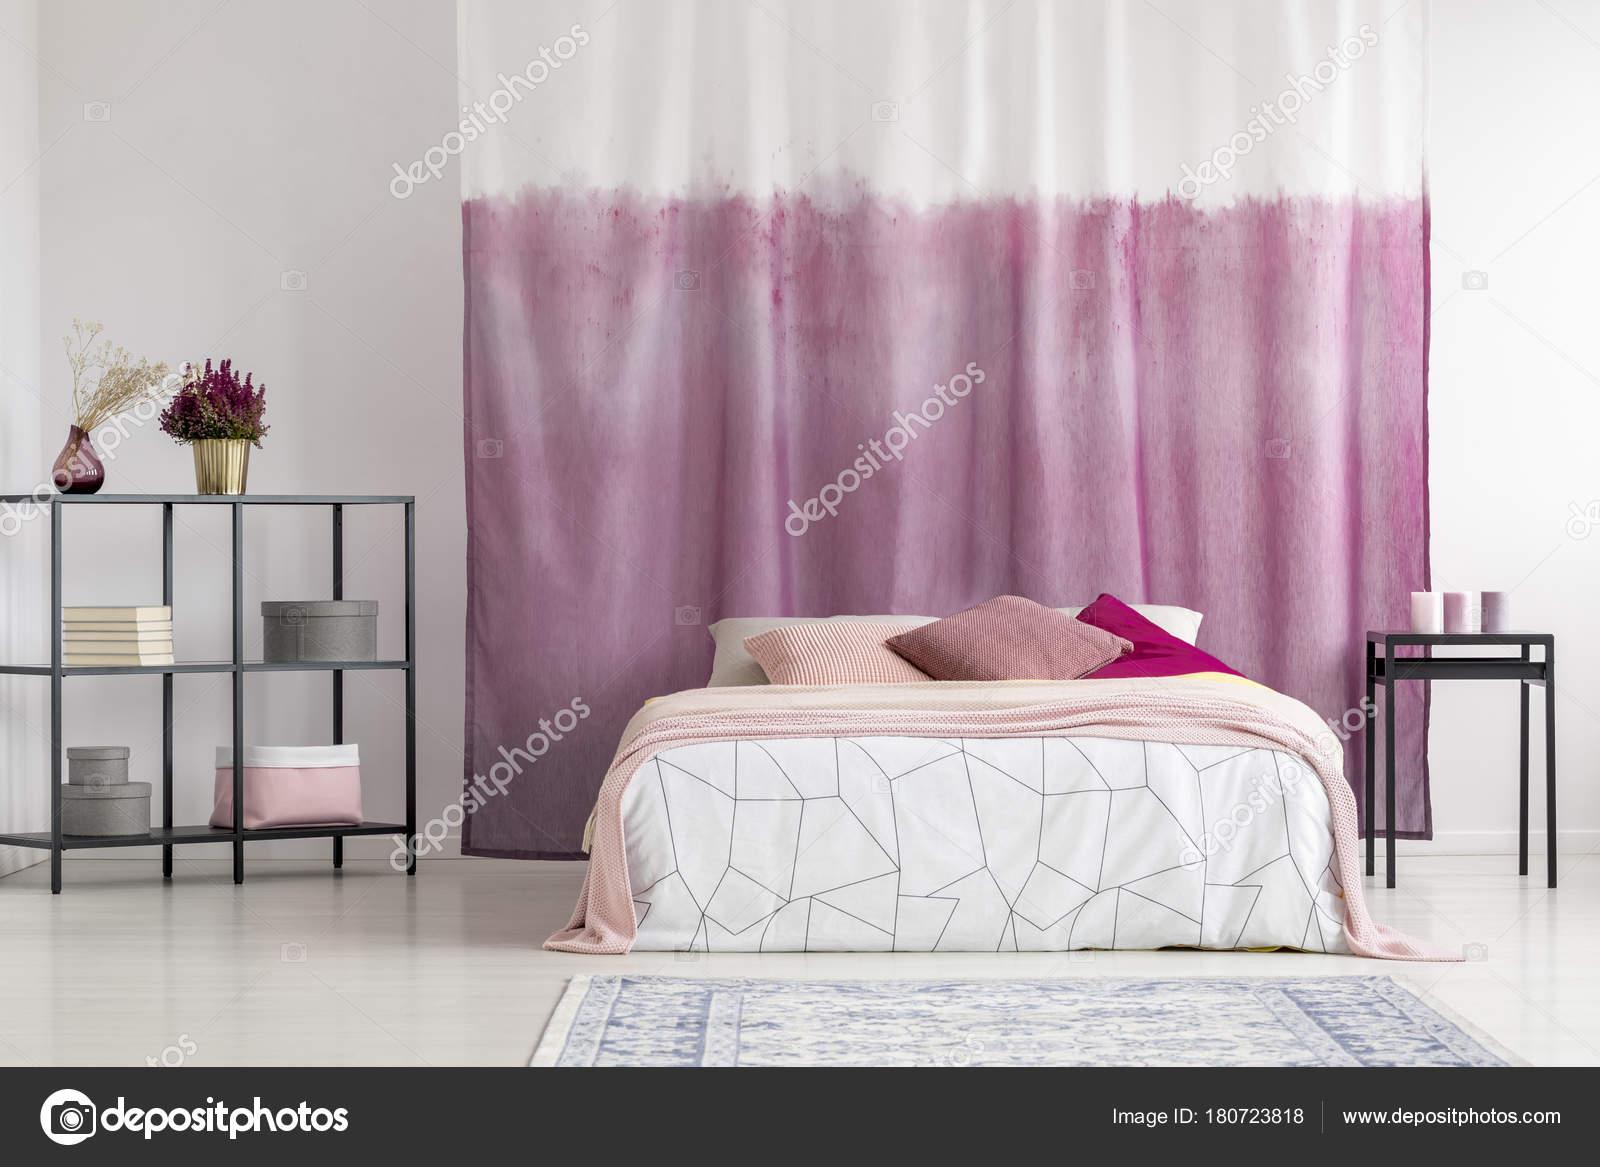 Camera da letto con la tenda tinta — Foto Stock ...